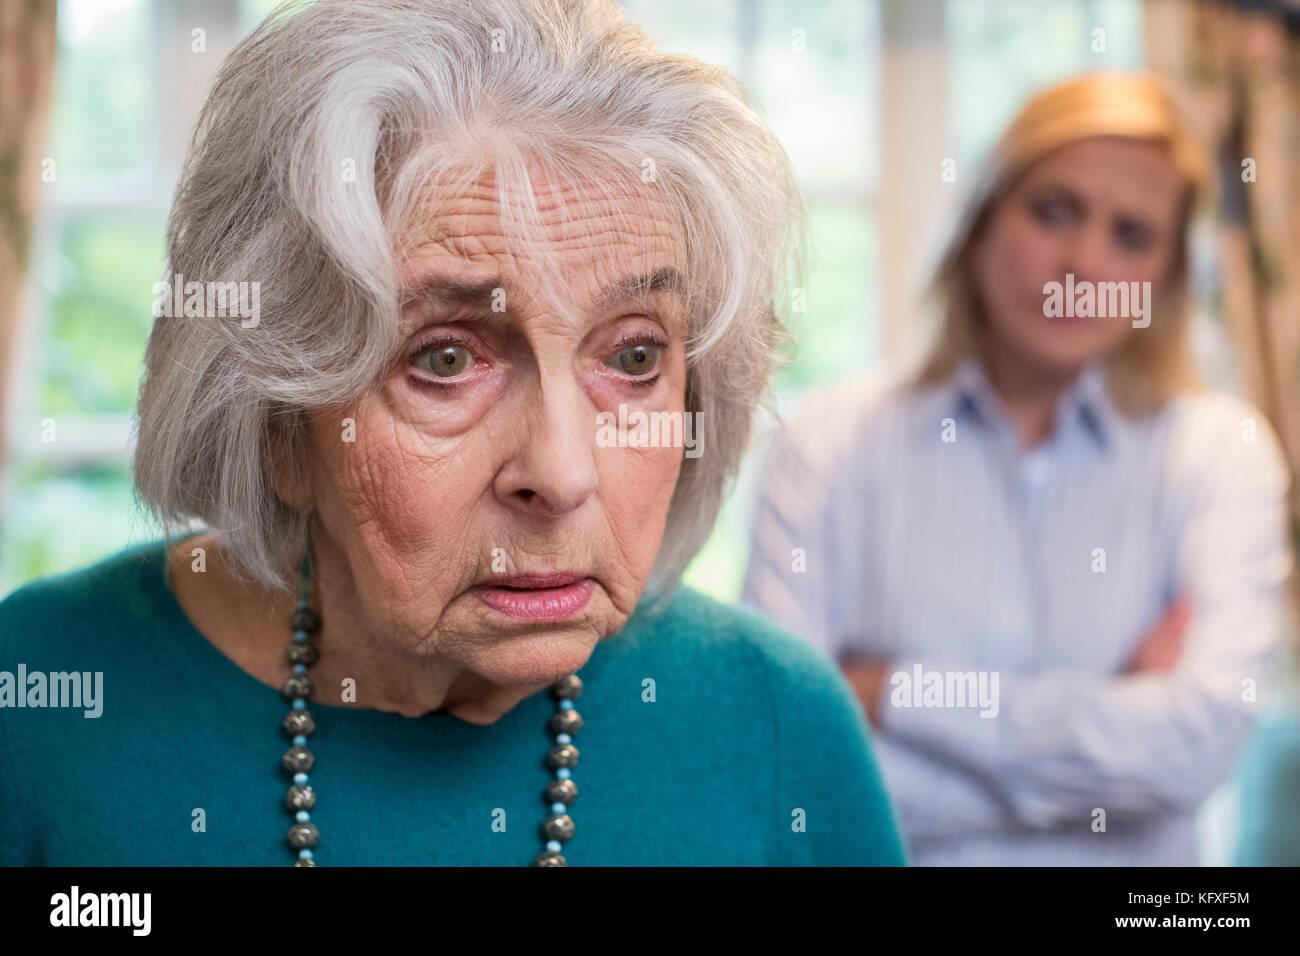 Confuso senior donna con la figlia adulta a casa Immagini Stock